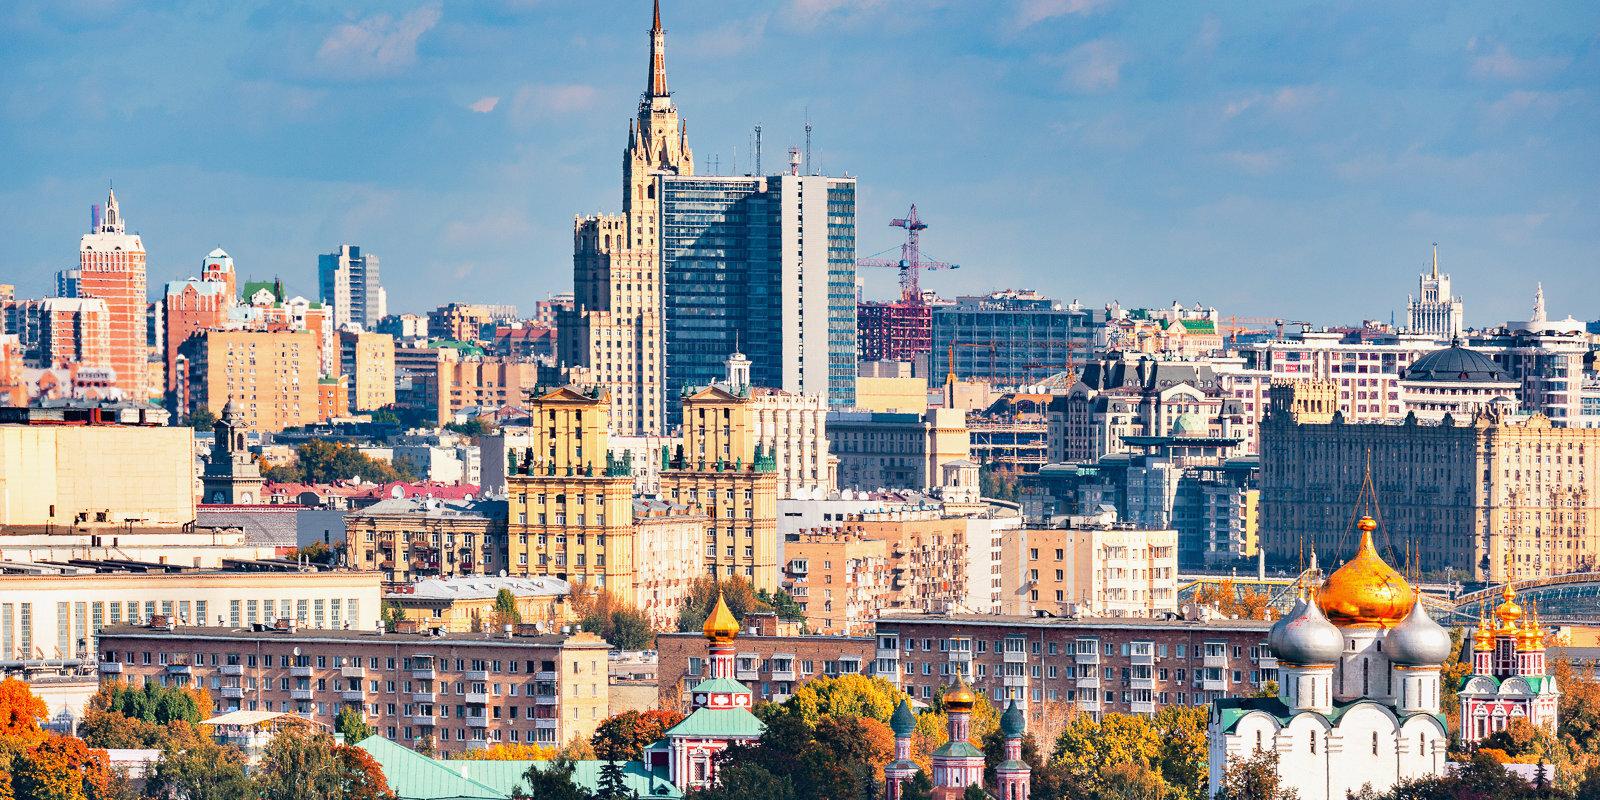 Krievijas nekustamie īpašumi. Cik droši var justies to īpašnieki?